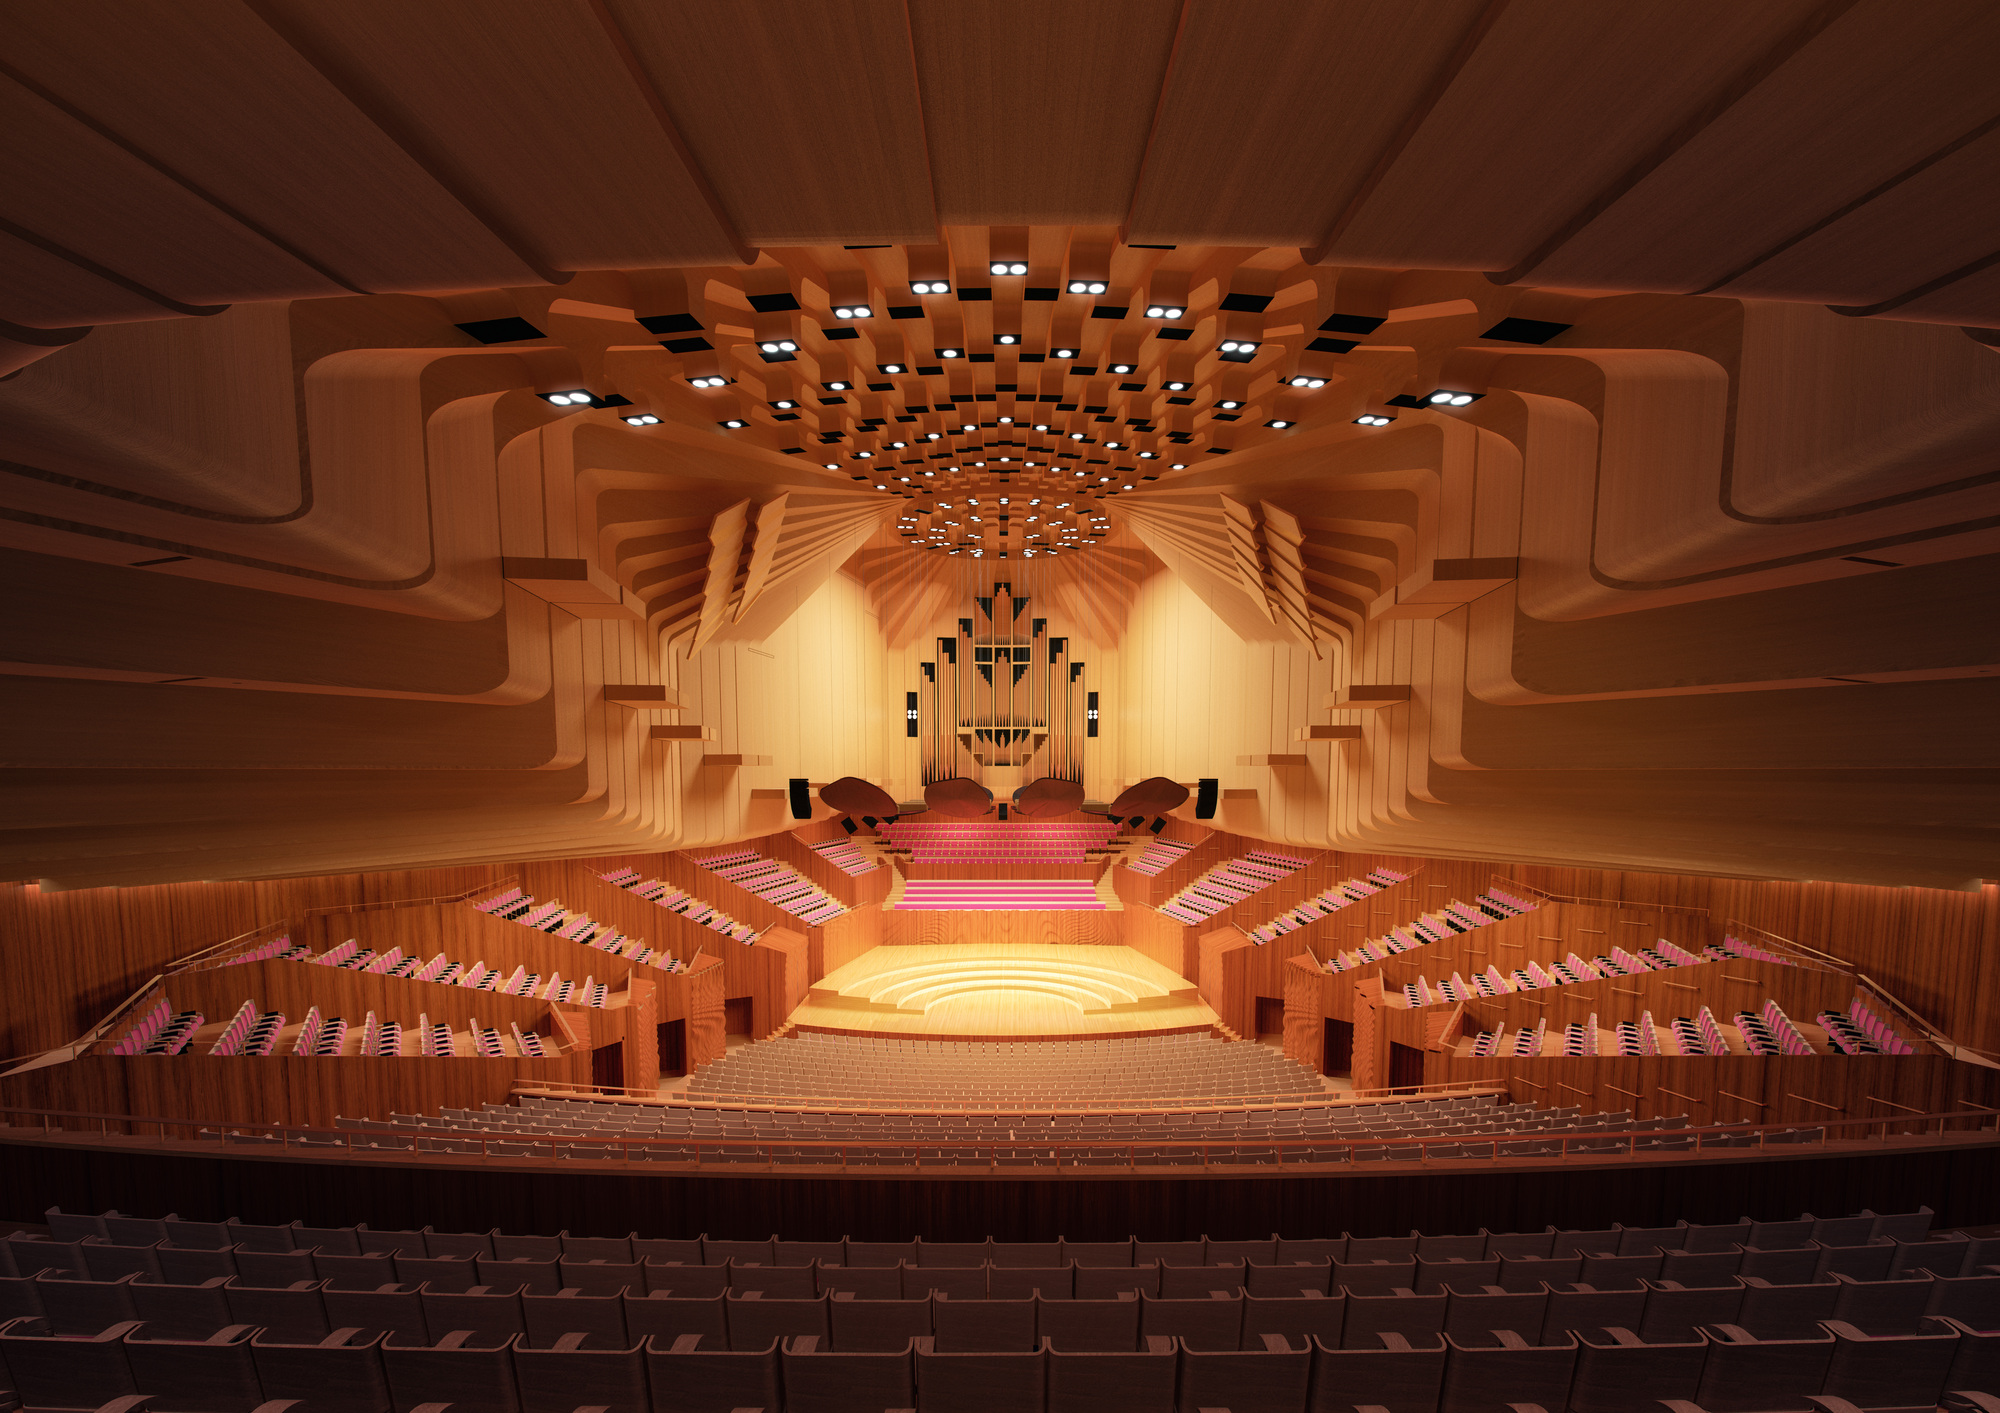 Sydney Opera House to Undergo $202 Million Renovation ...